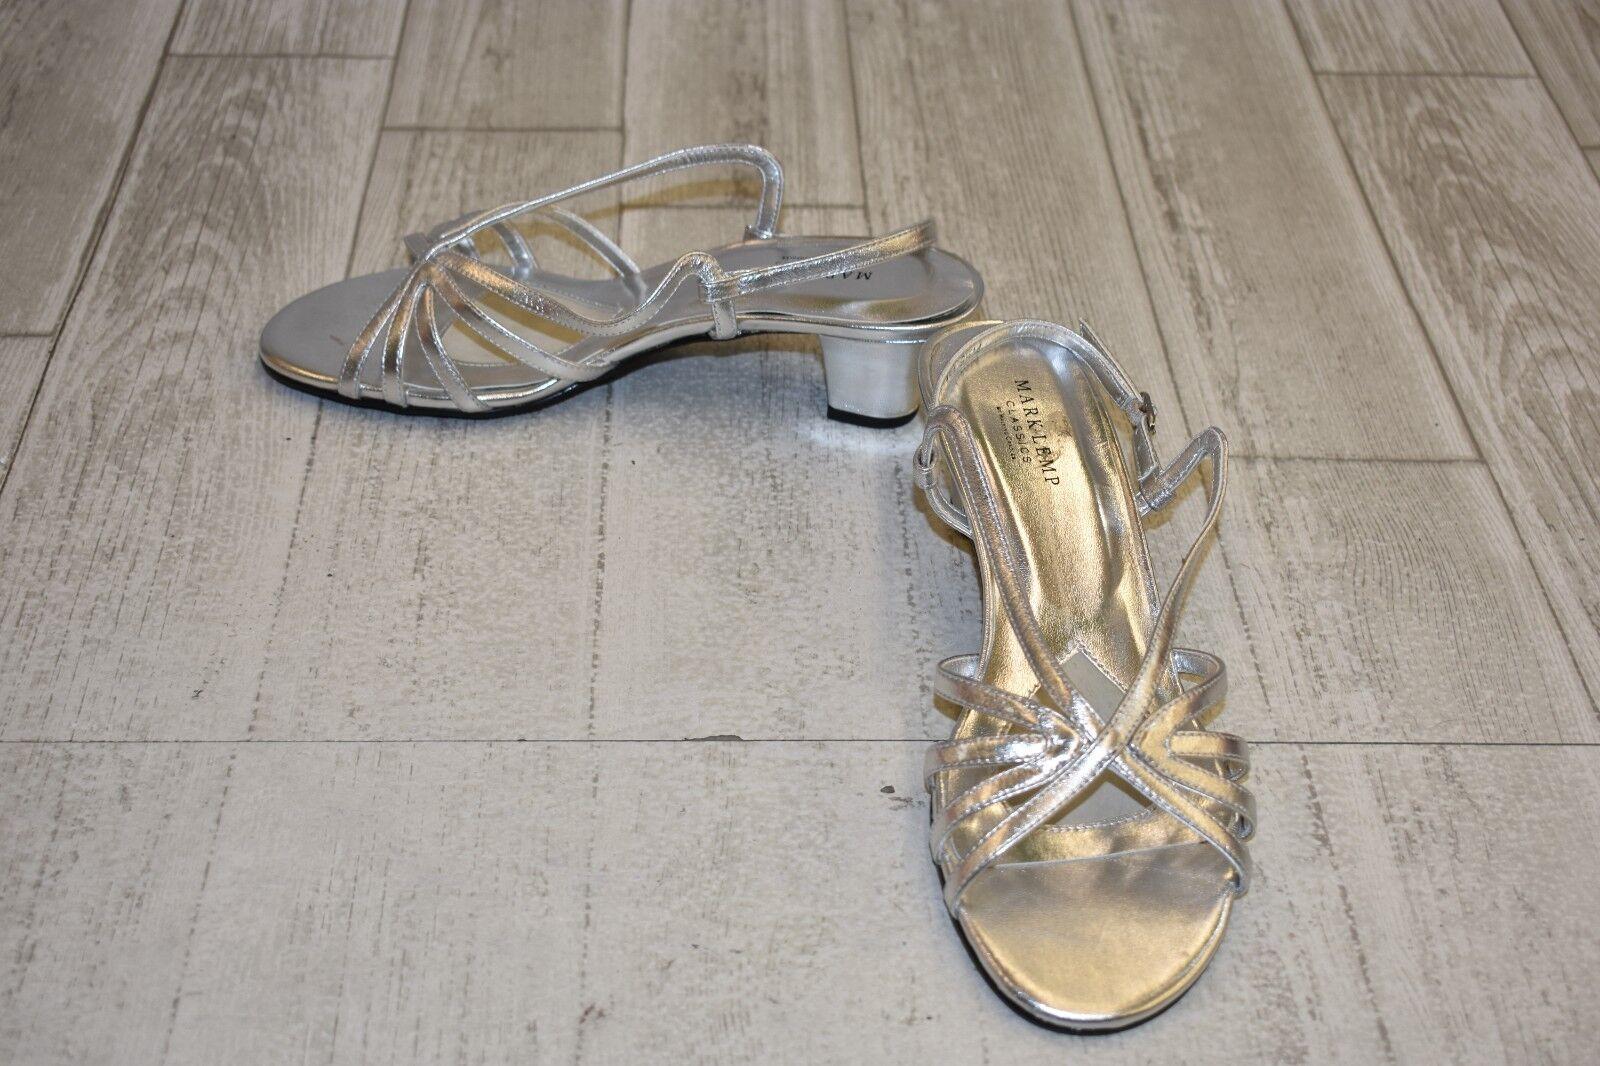 Mark Lemp Leash Heels - Women's Size 9.5 M - Silver